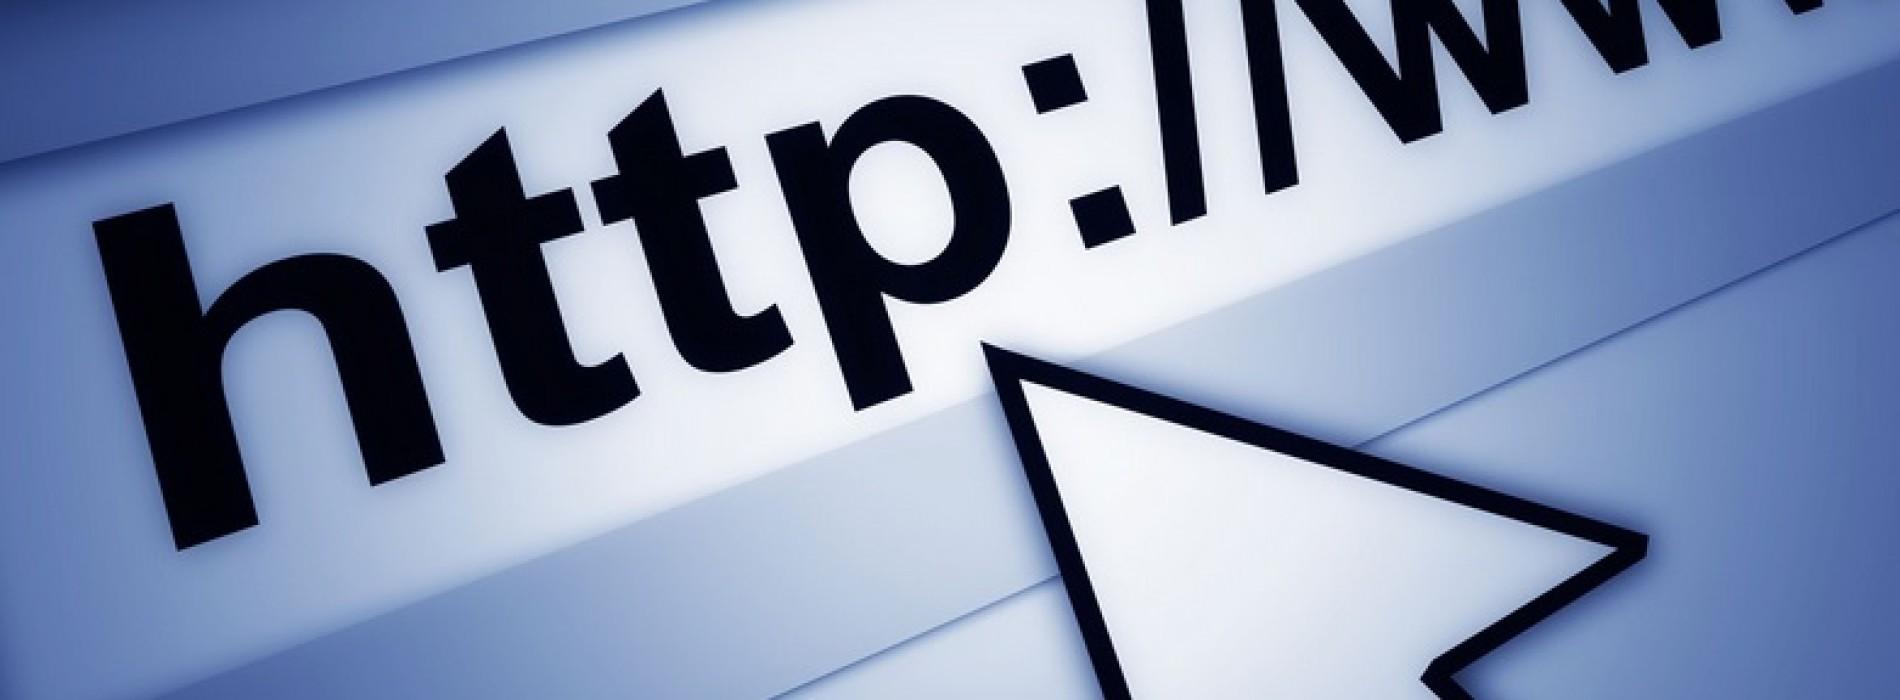 Jak rozliczyć dochód za umieszczanie reklam w Internecie?